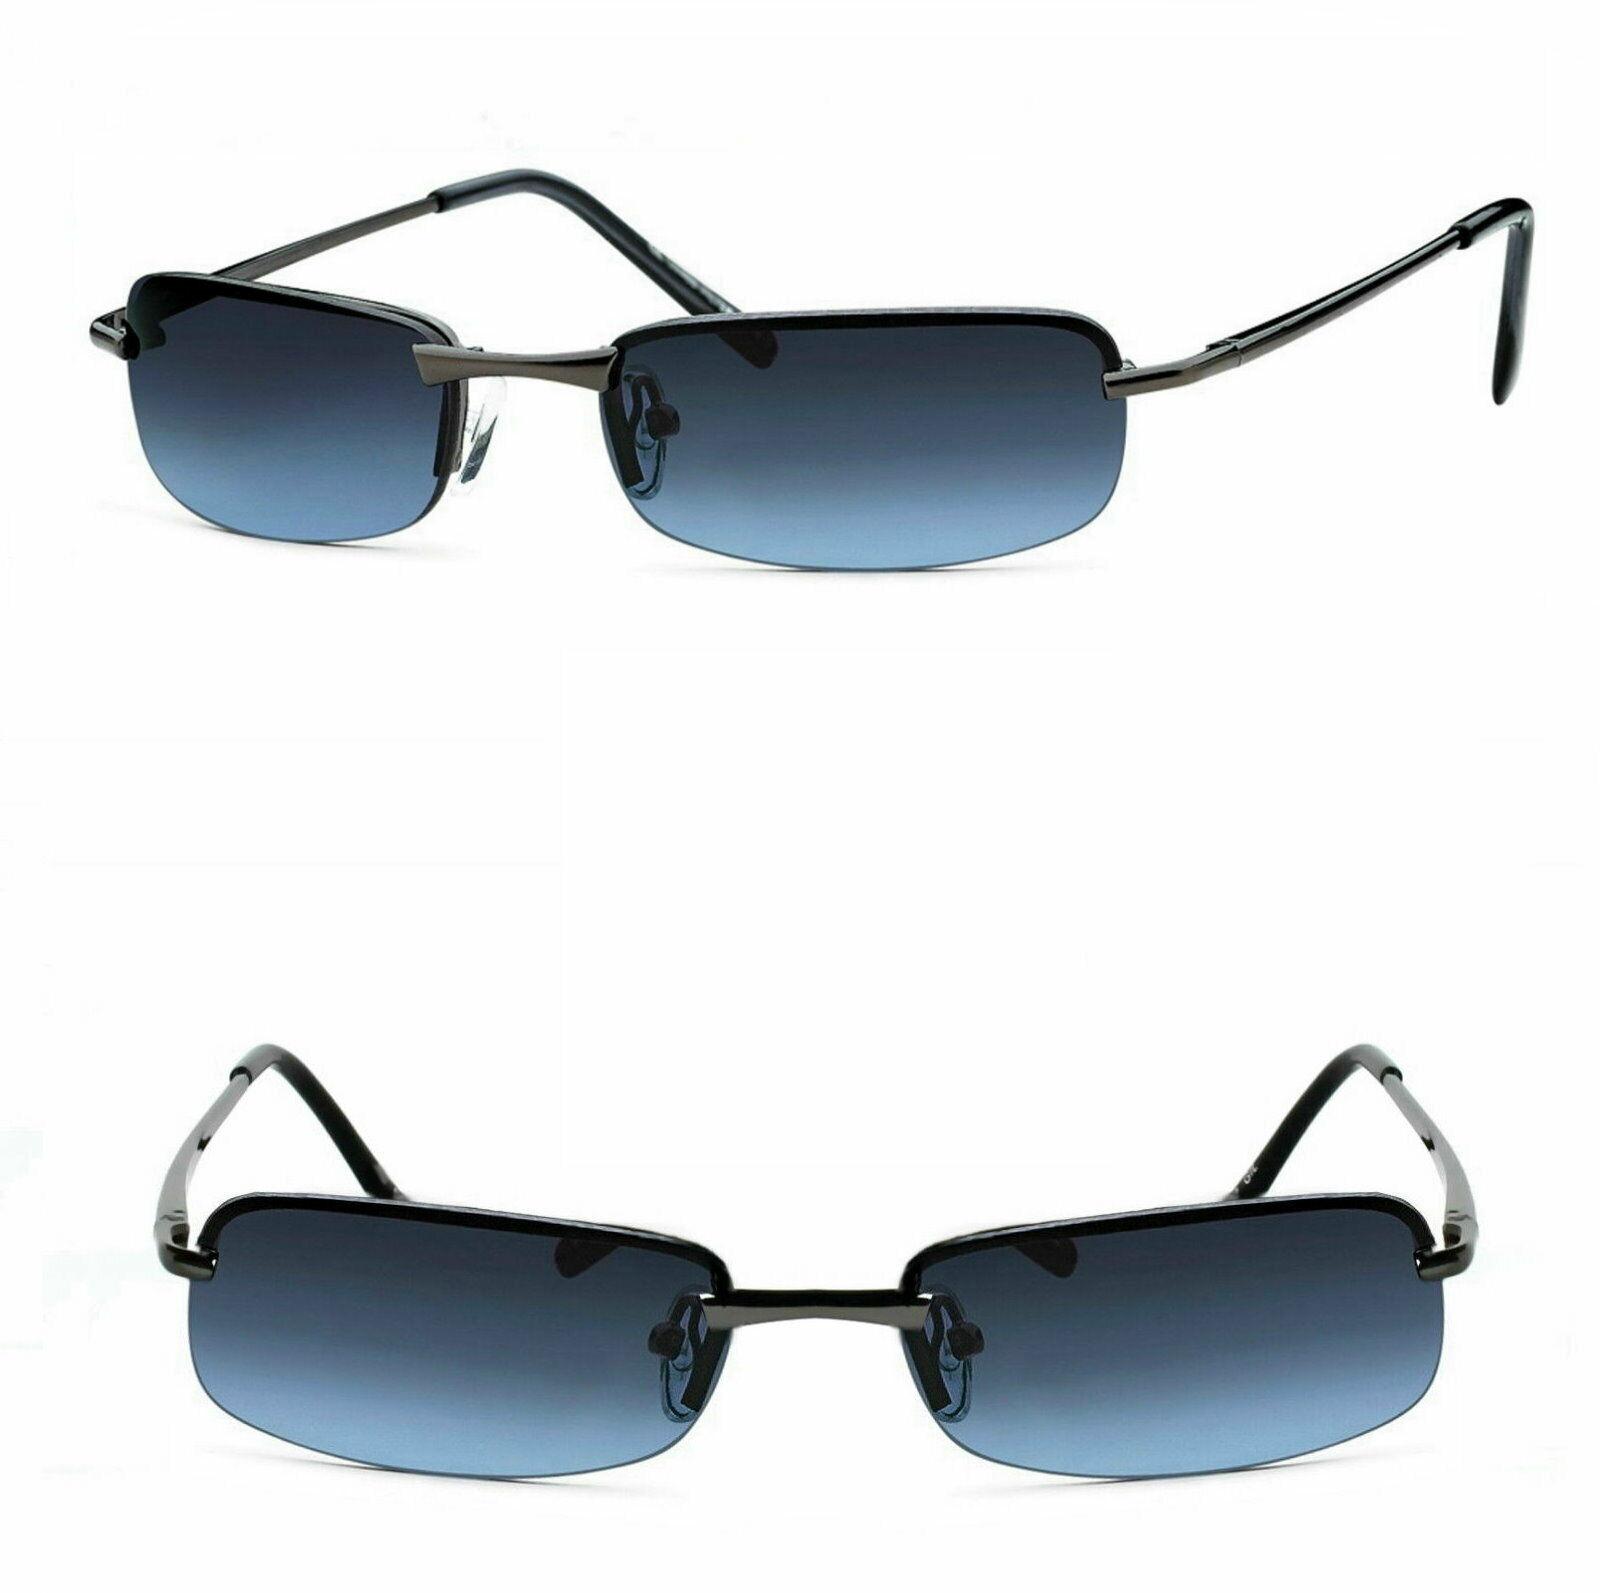 Schmale Herren Sonnenbrille Metal Rechteckig Agent Smith Schwarz Blau getönt M5s